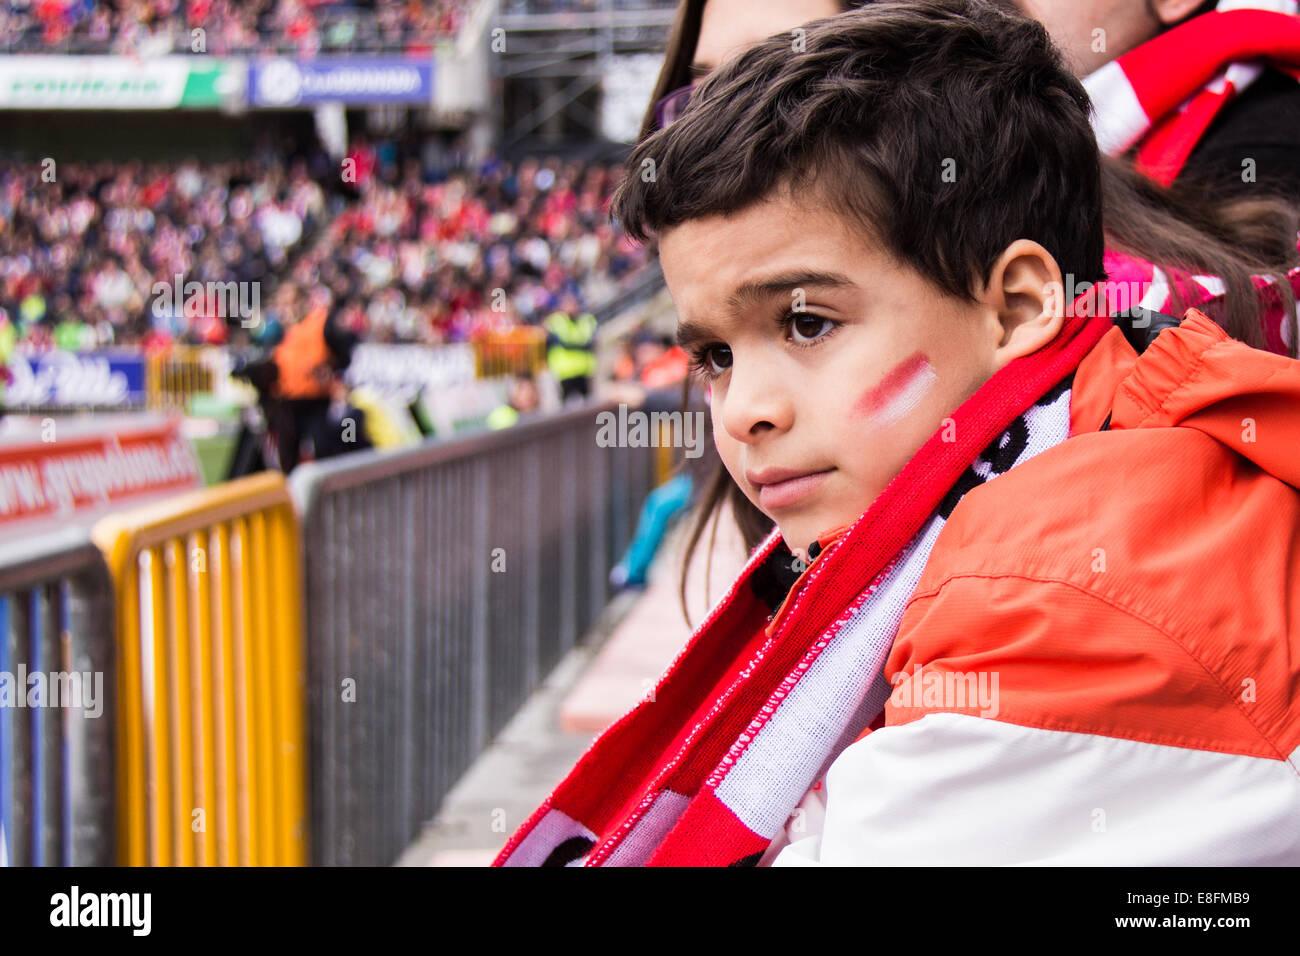 Spanien, Madrid, Boy (6-7) bei Fußballspiel Stockbild